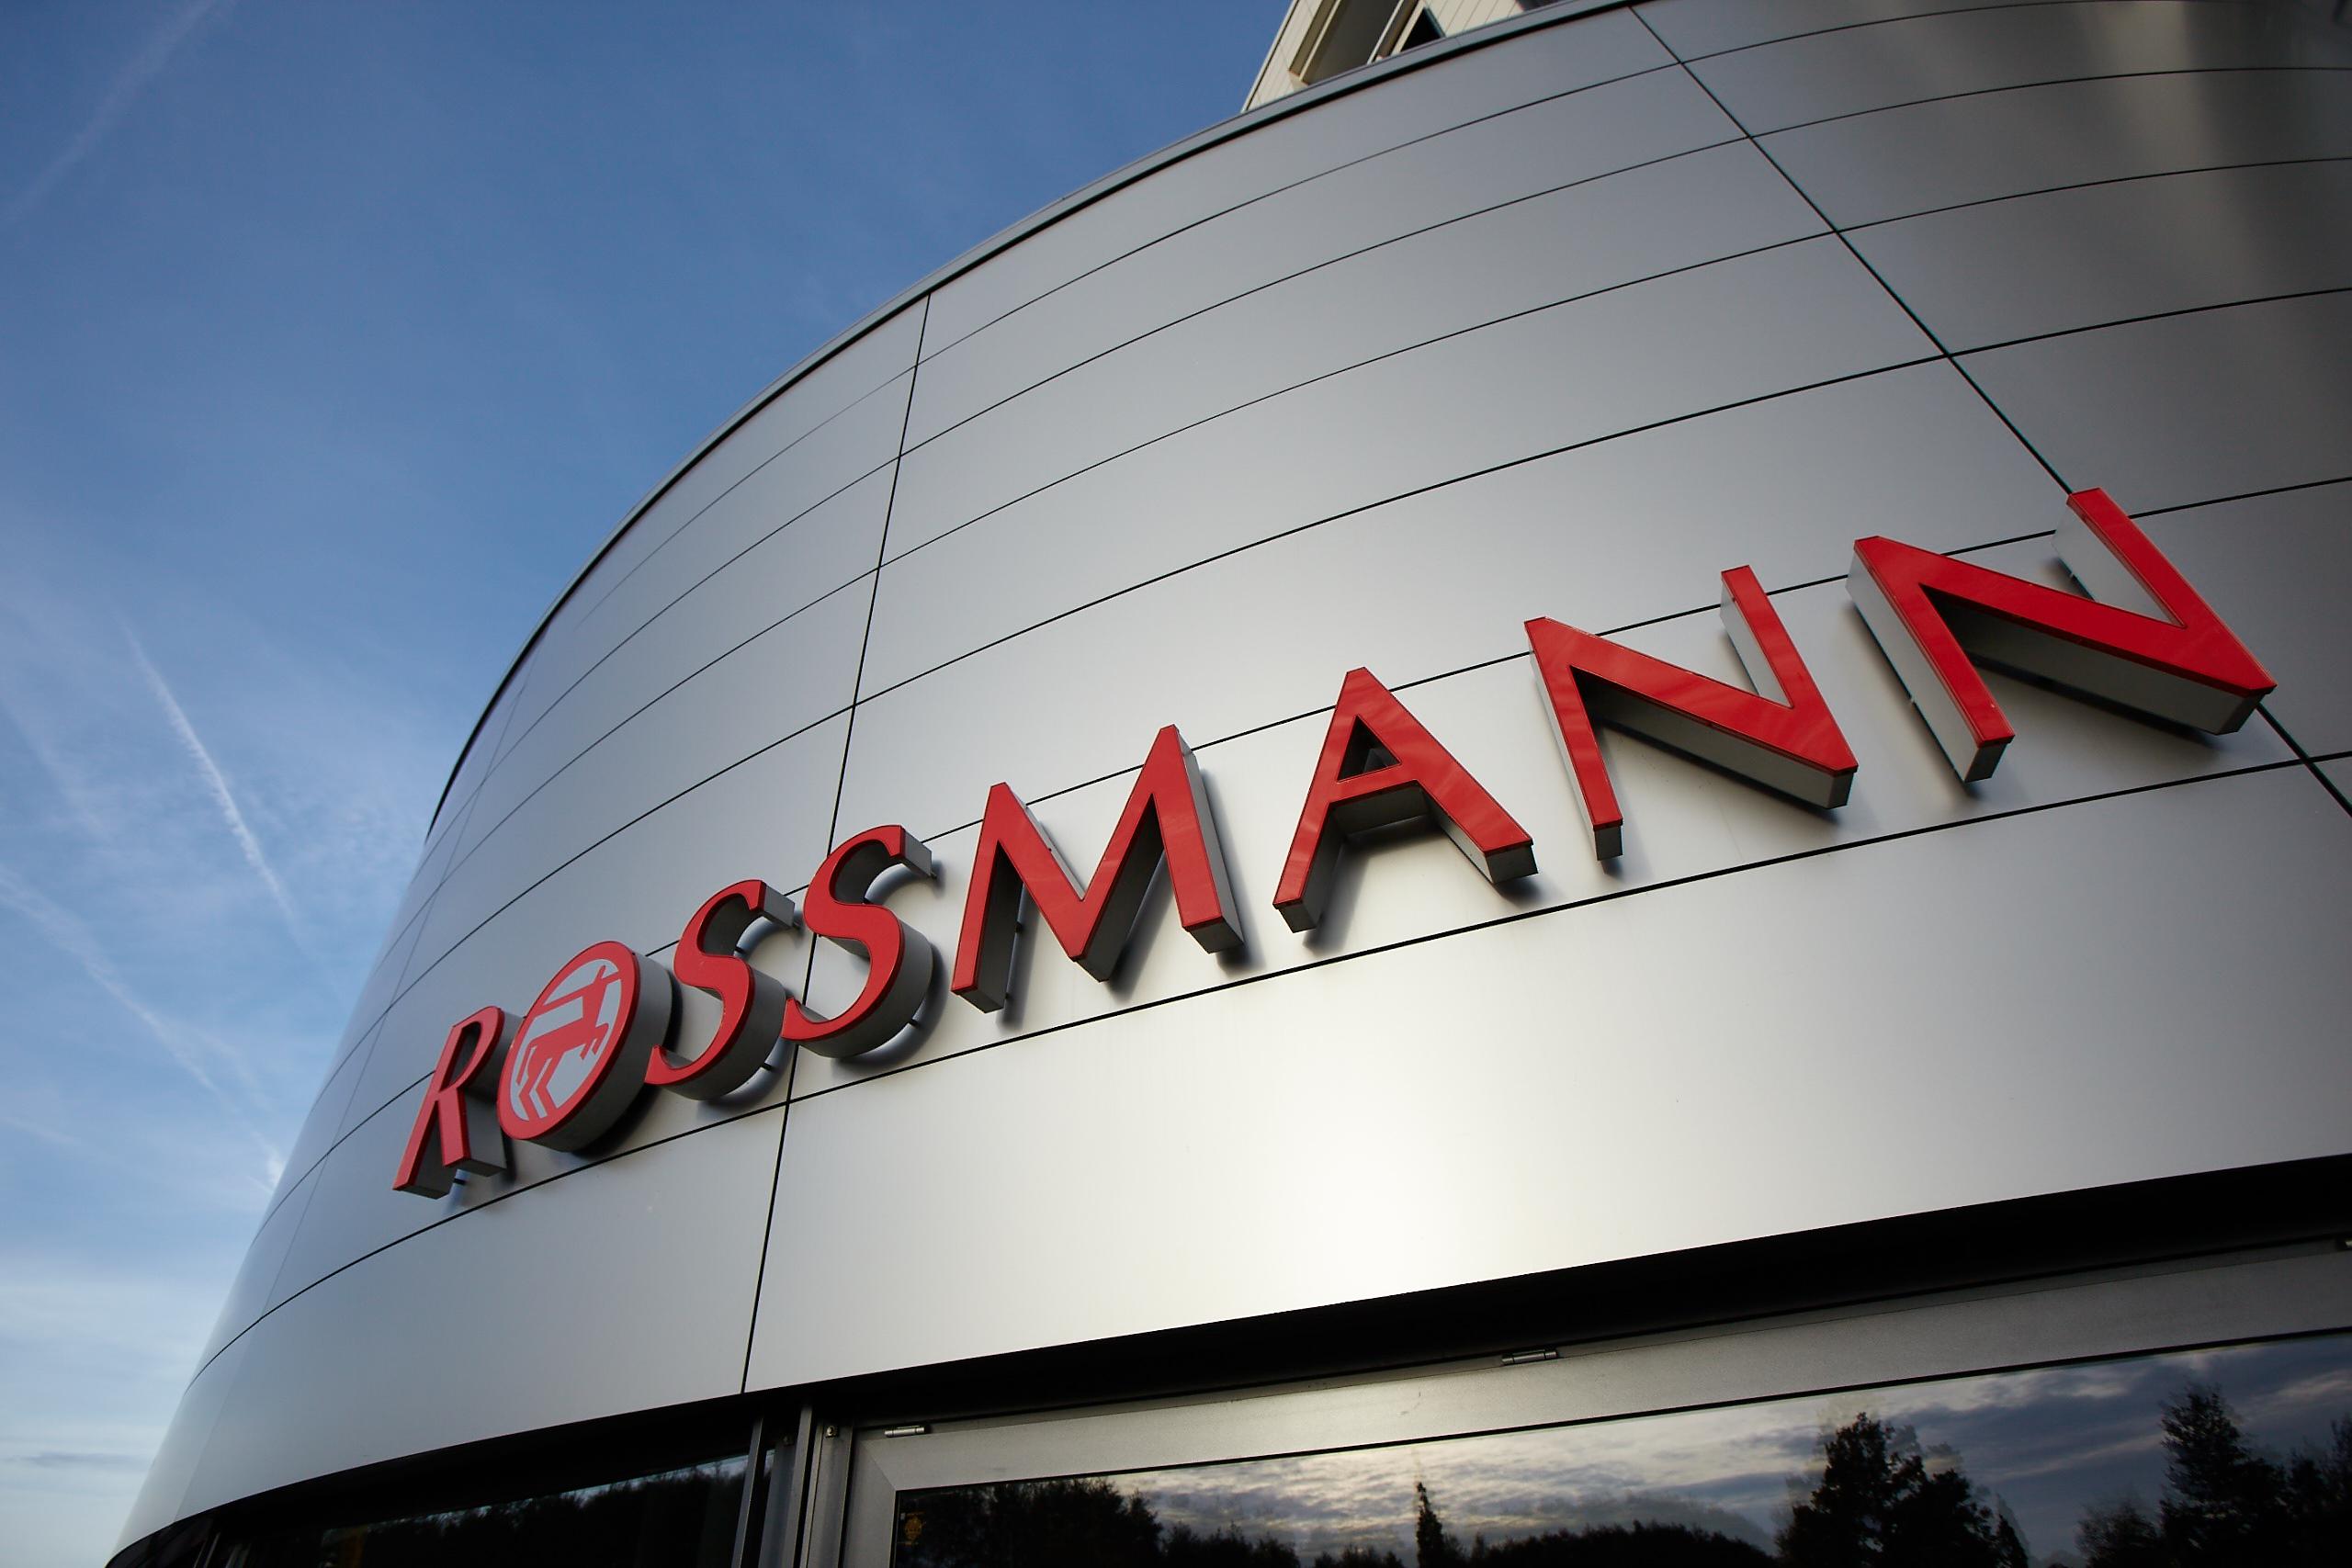 Rossamnn